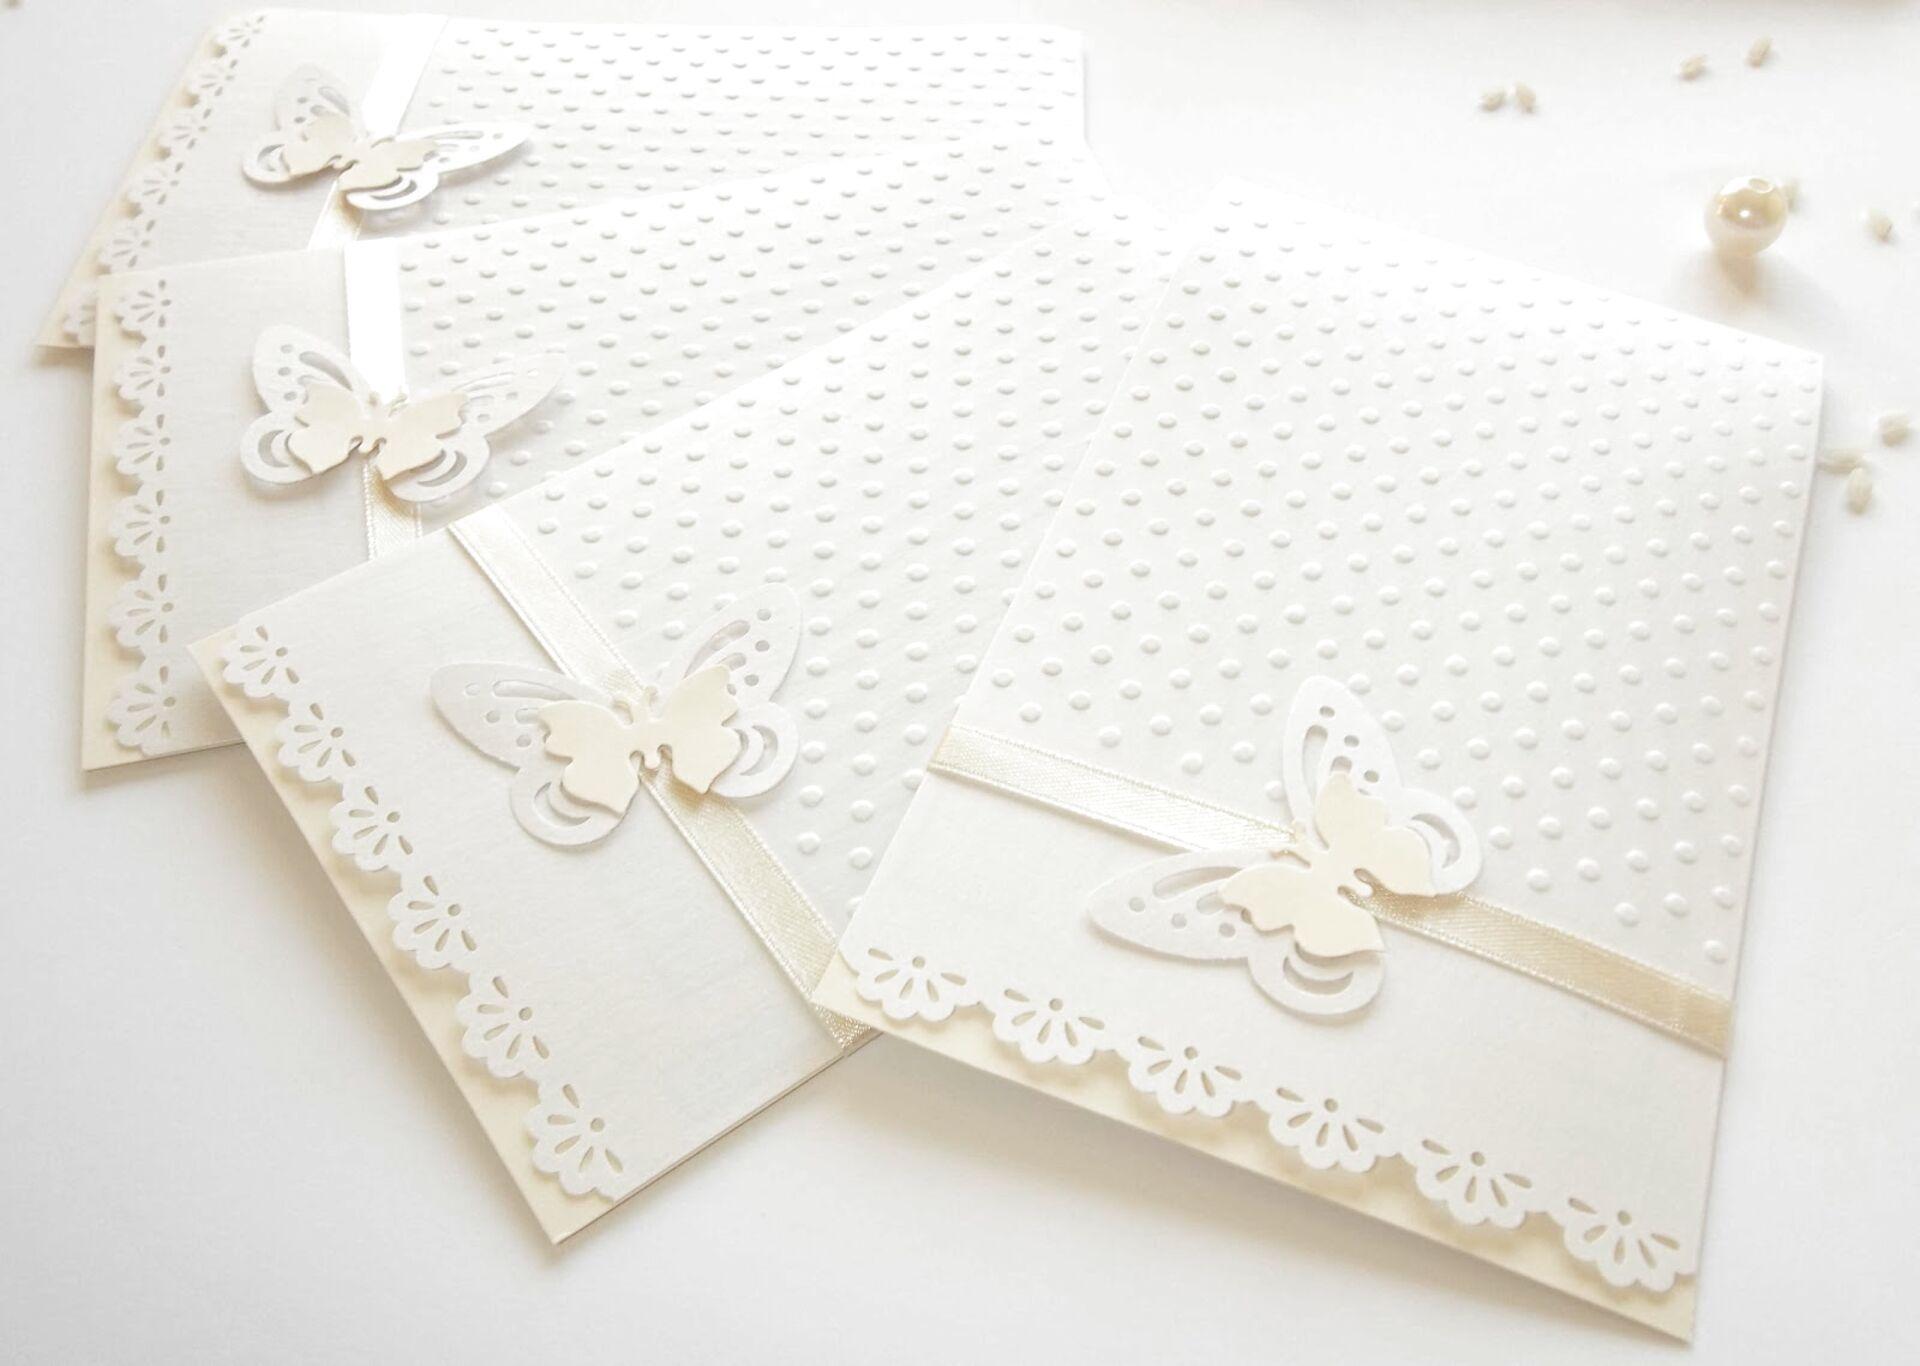 Partecipazioni Matrimonio Farfalle.Partecipazioni Matrimonio Farfalle Usato In Italia Vedi Tutte I